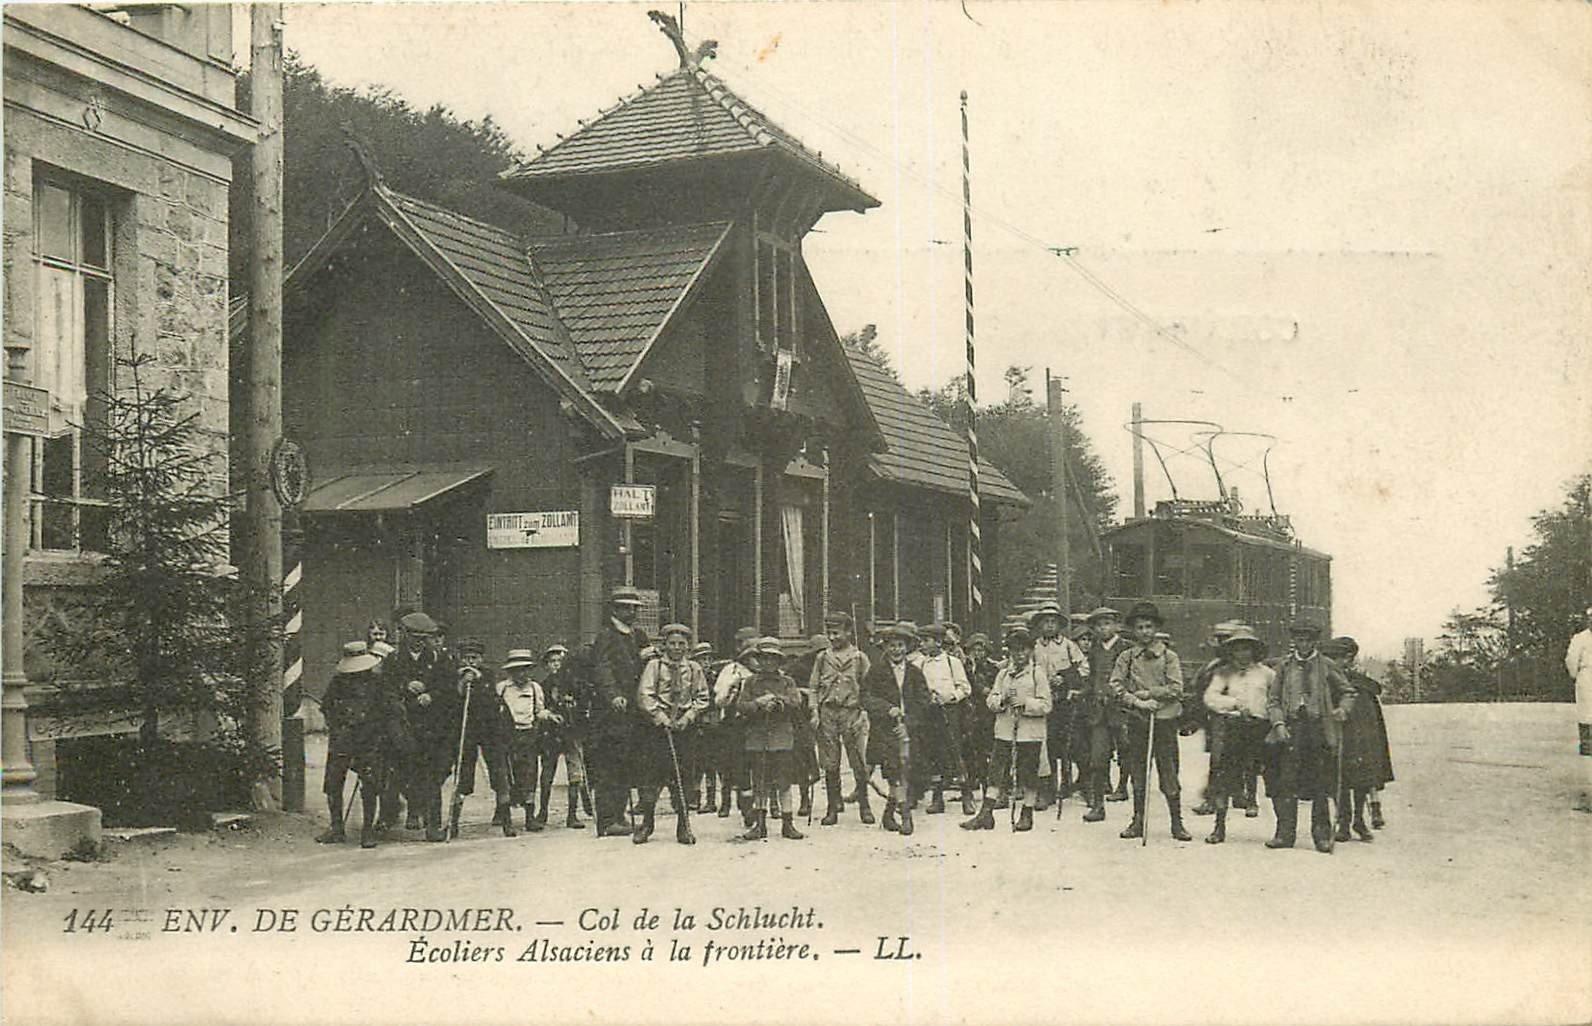 88 COL DE LA SCHLUCHT. Ecoliers à la Frontière devant Train Tramway électrique